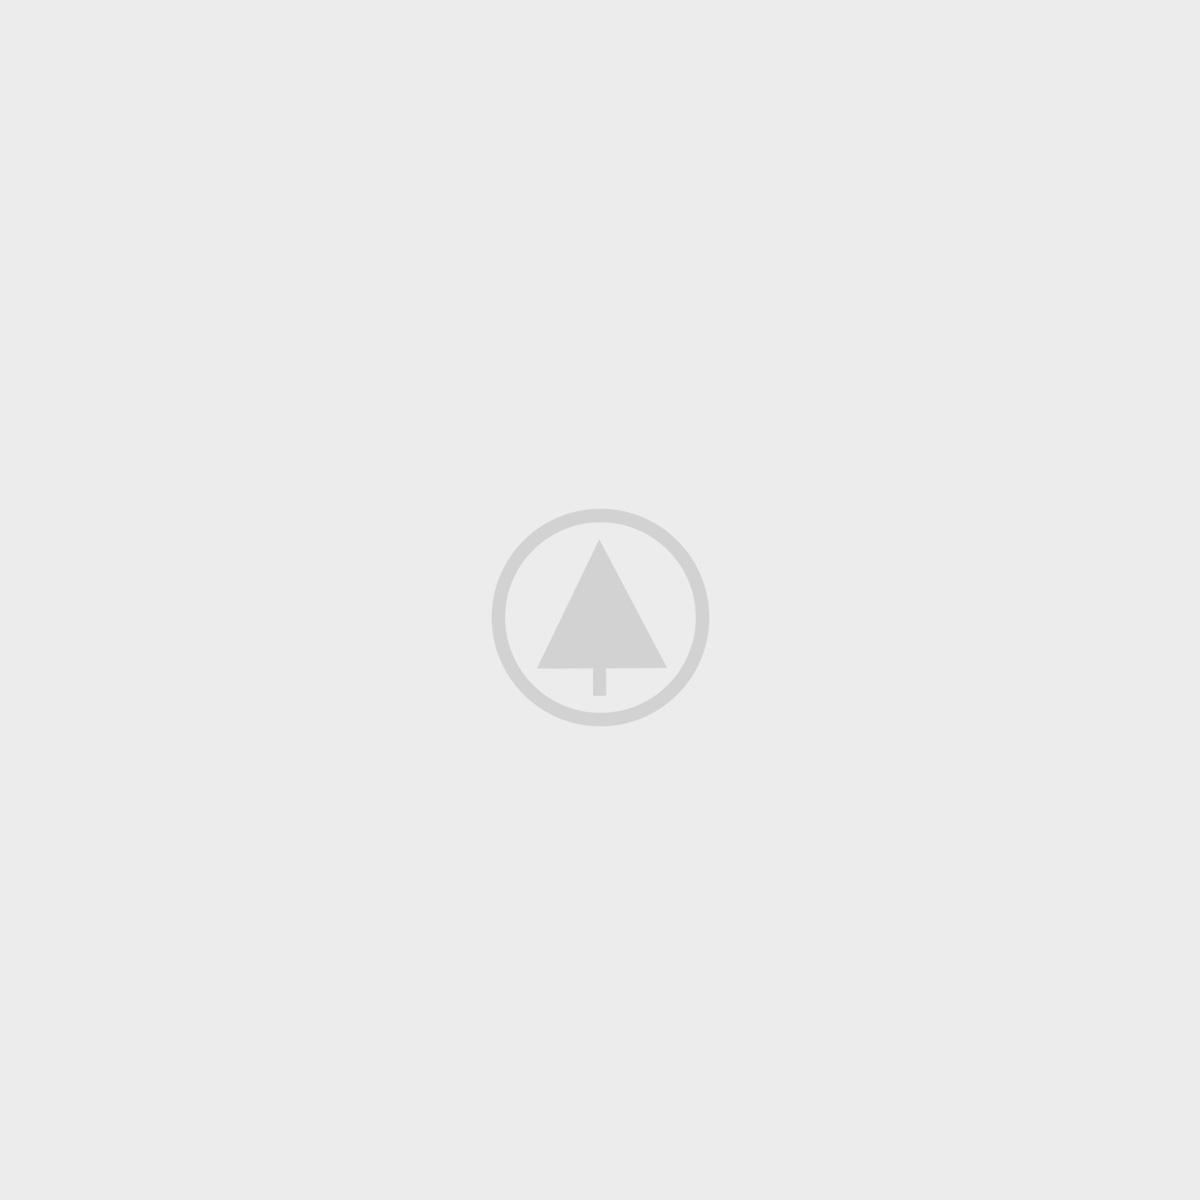 wood gallery placeholder - - Con Murphys Menswear